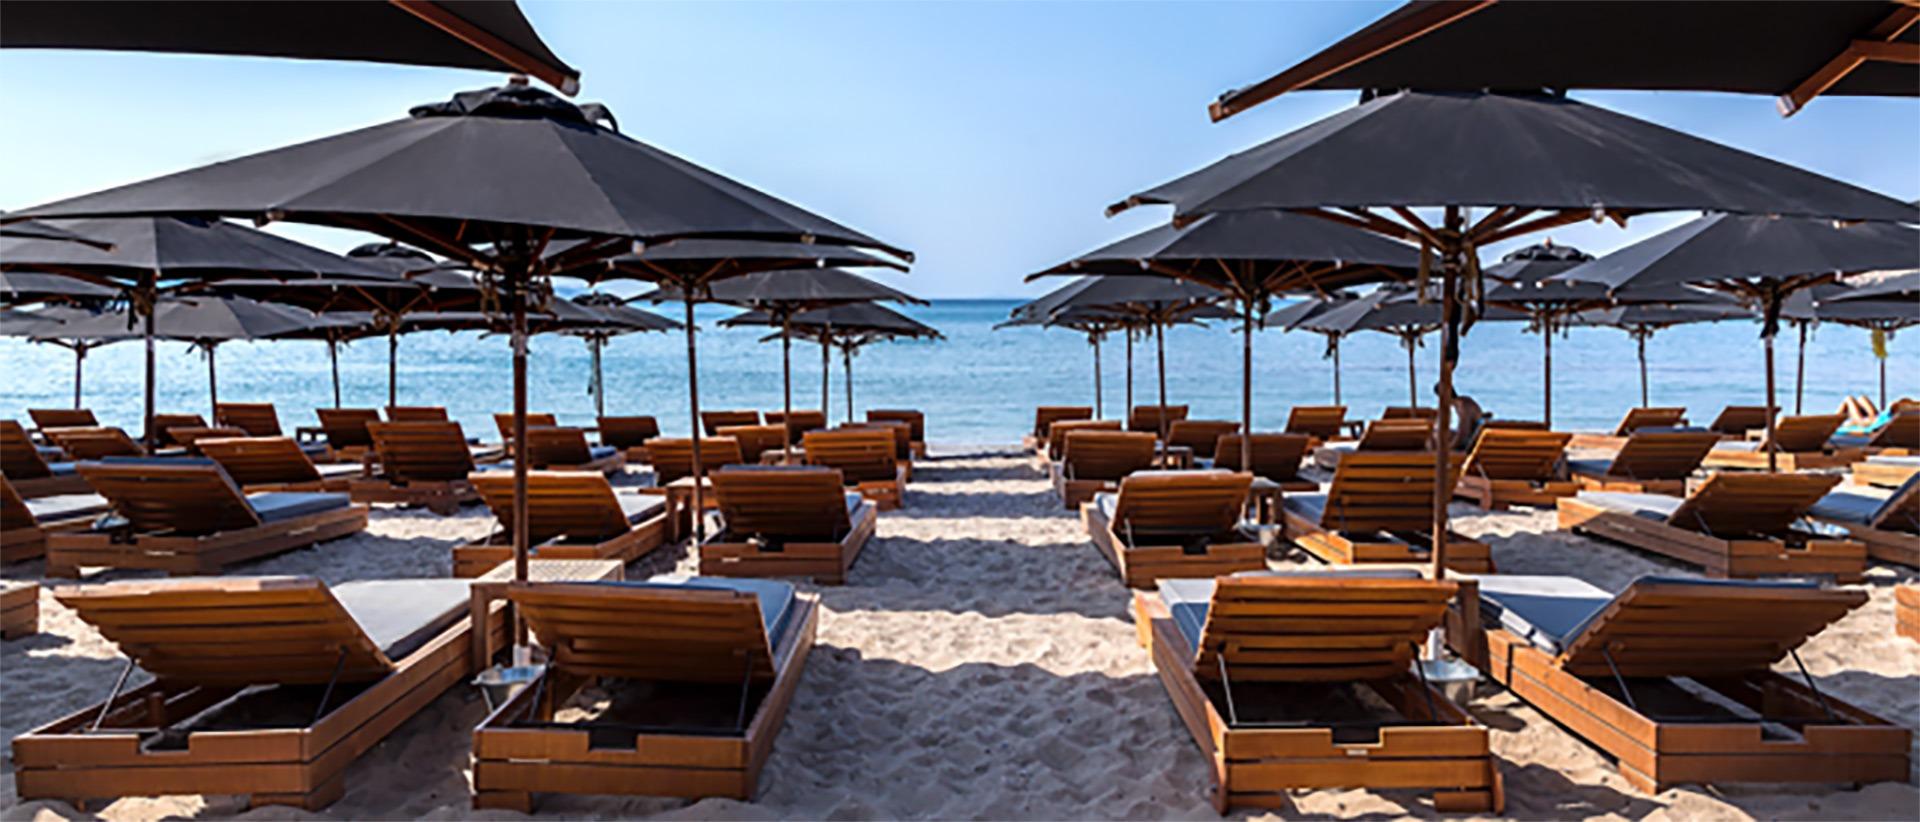 Καλώς ήλθατε στον ανανεωμένο πολυχώρο Varkiza Resort!